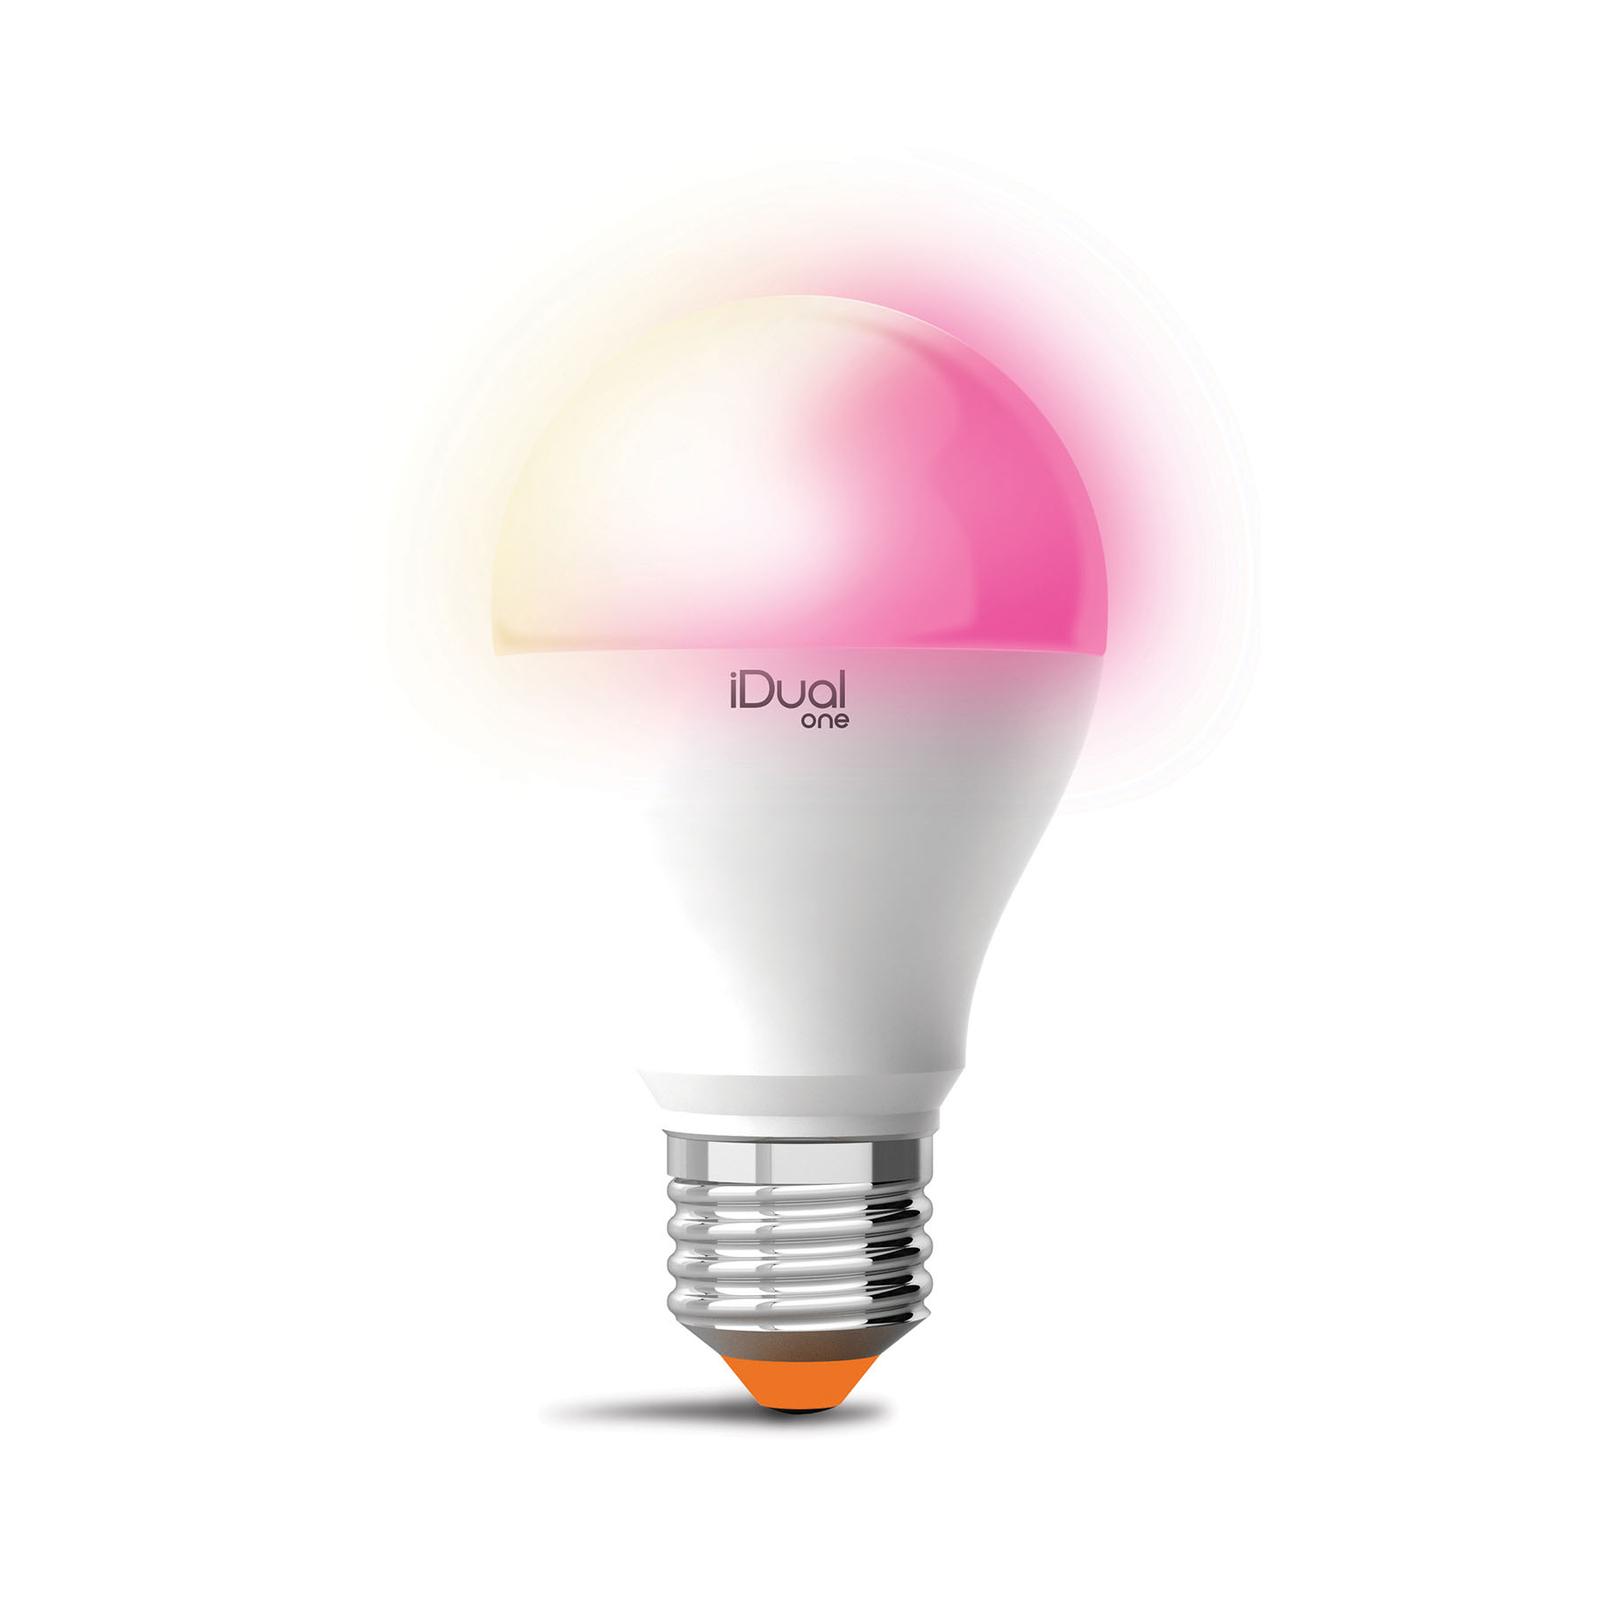 iDual One LED-pære E27 A60 9,5W RGBW